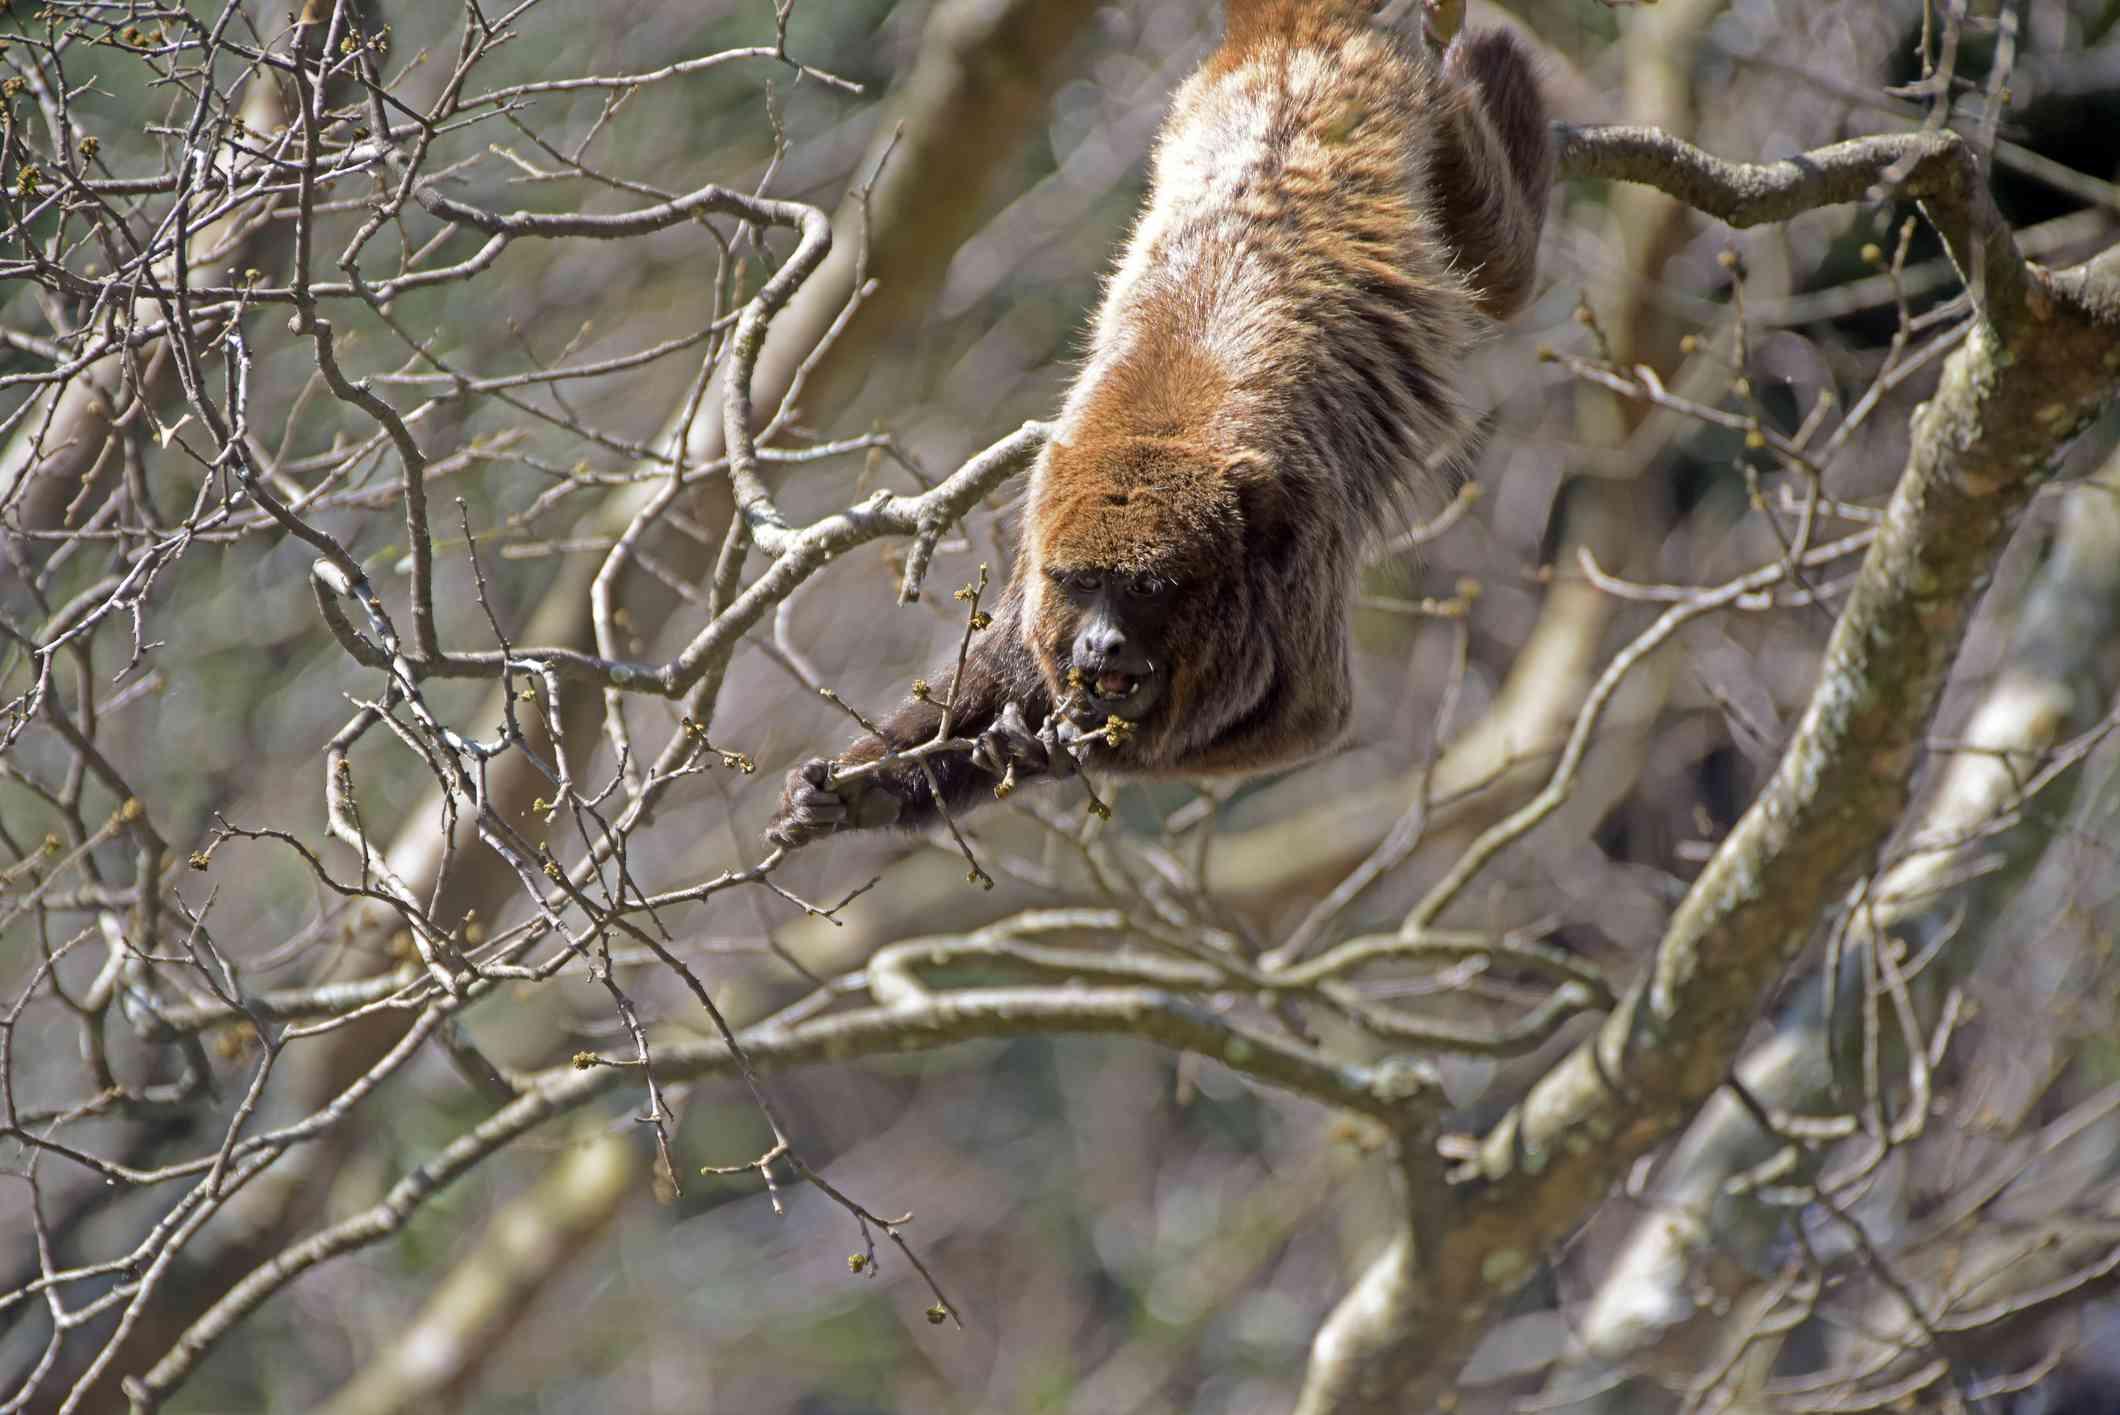 Brown howler monkey in tree